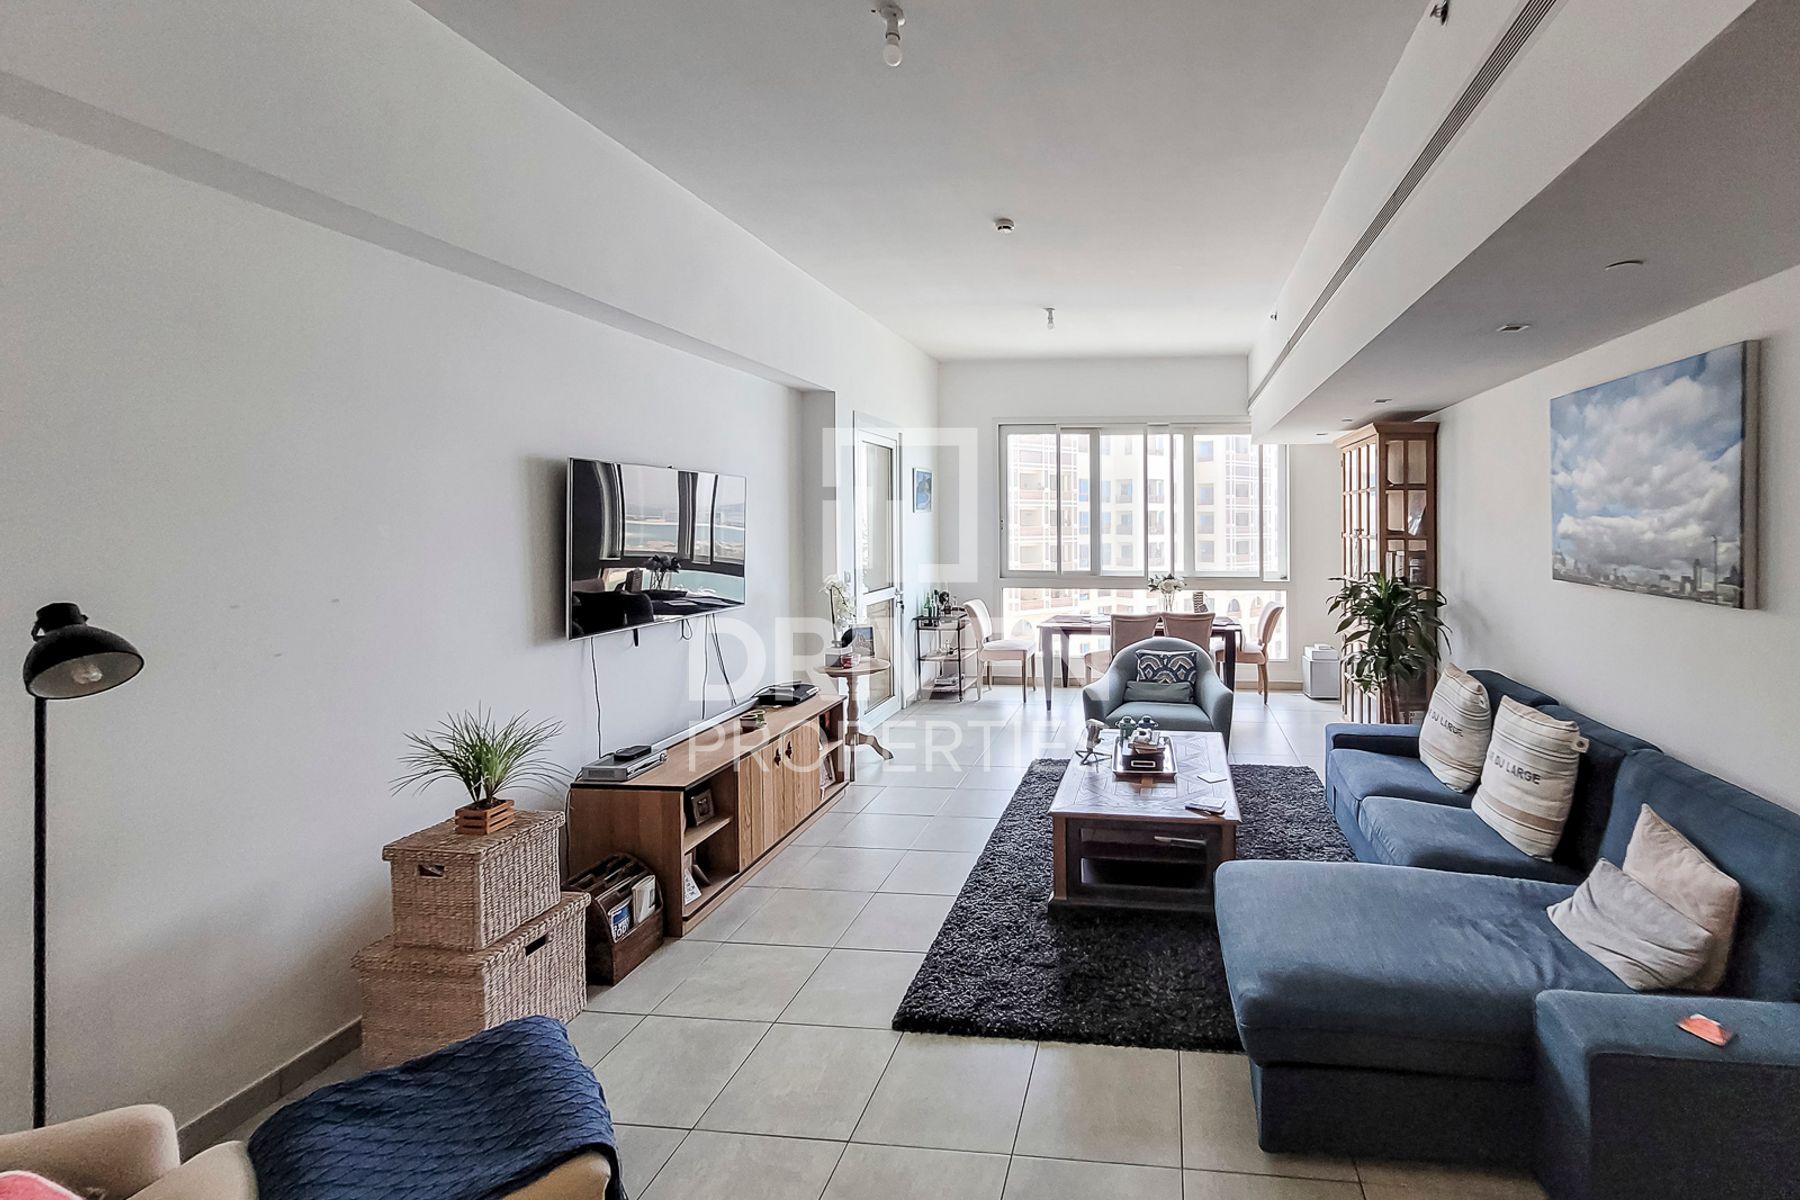 2,021 قدم مربع  شقة - للبيع - نخلة الجميرا